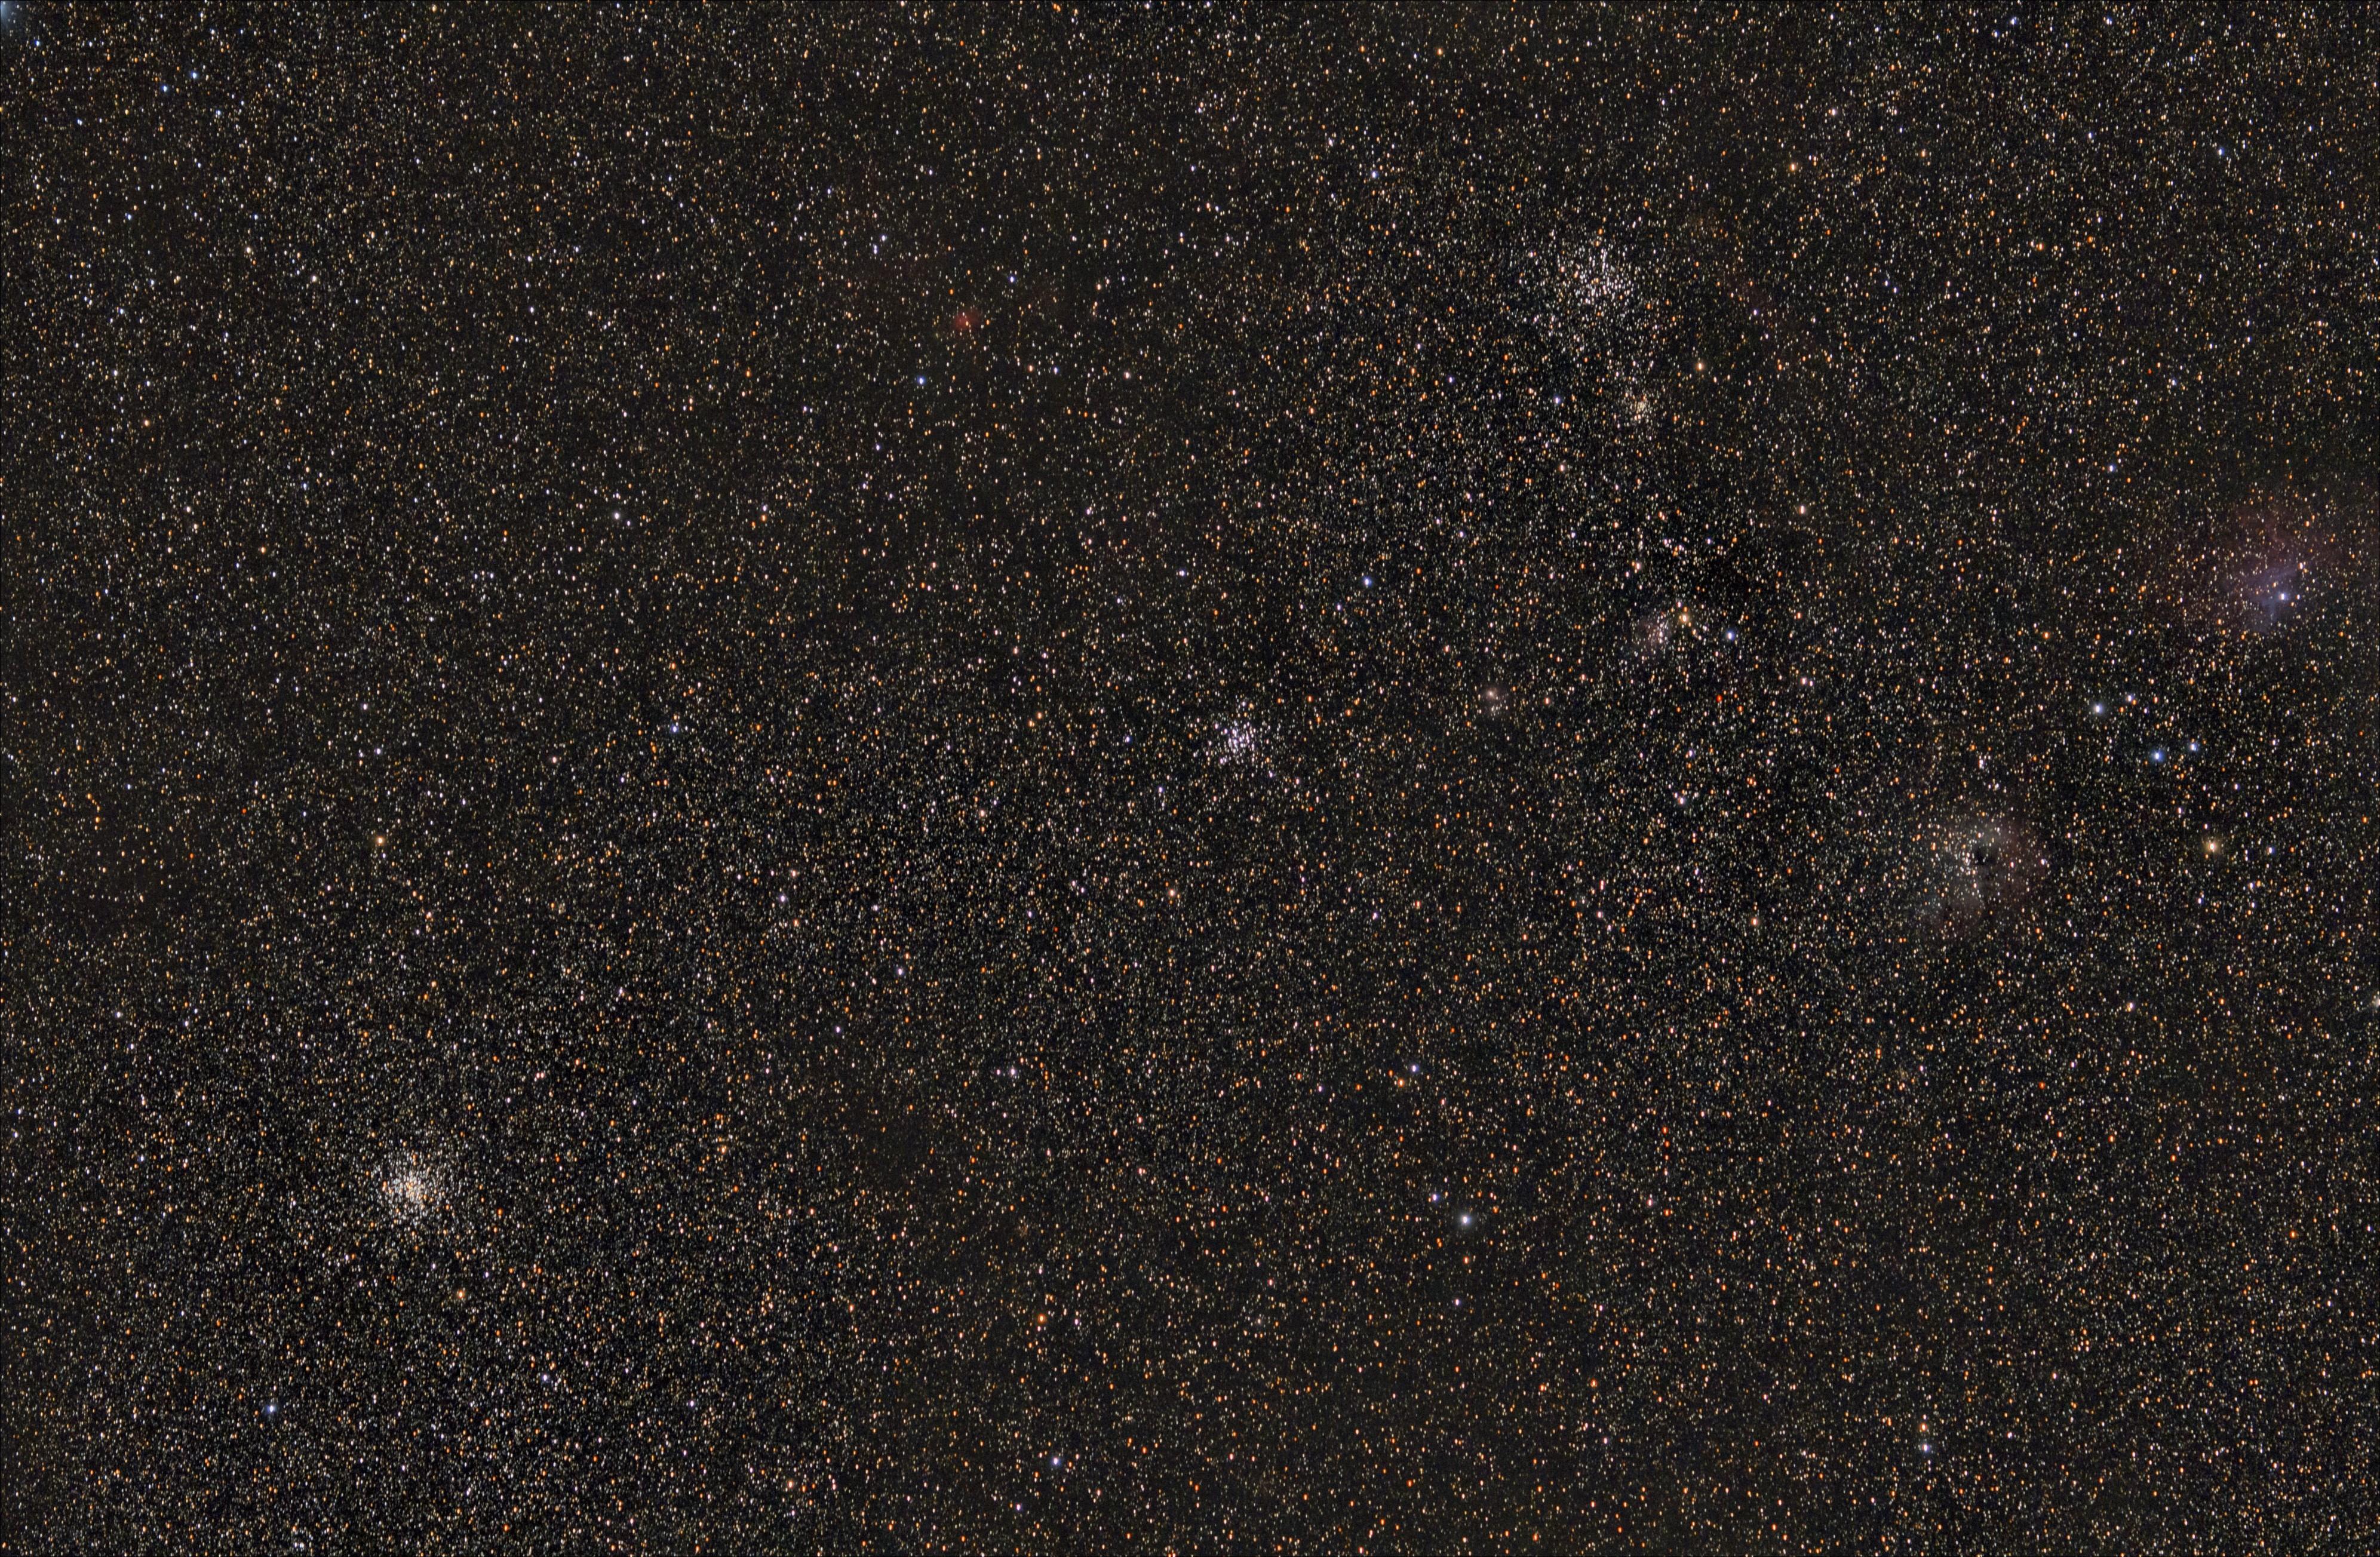 возничий созвездие фото время пандемии